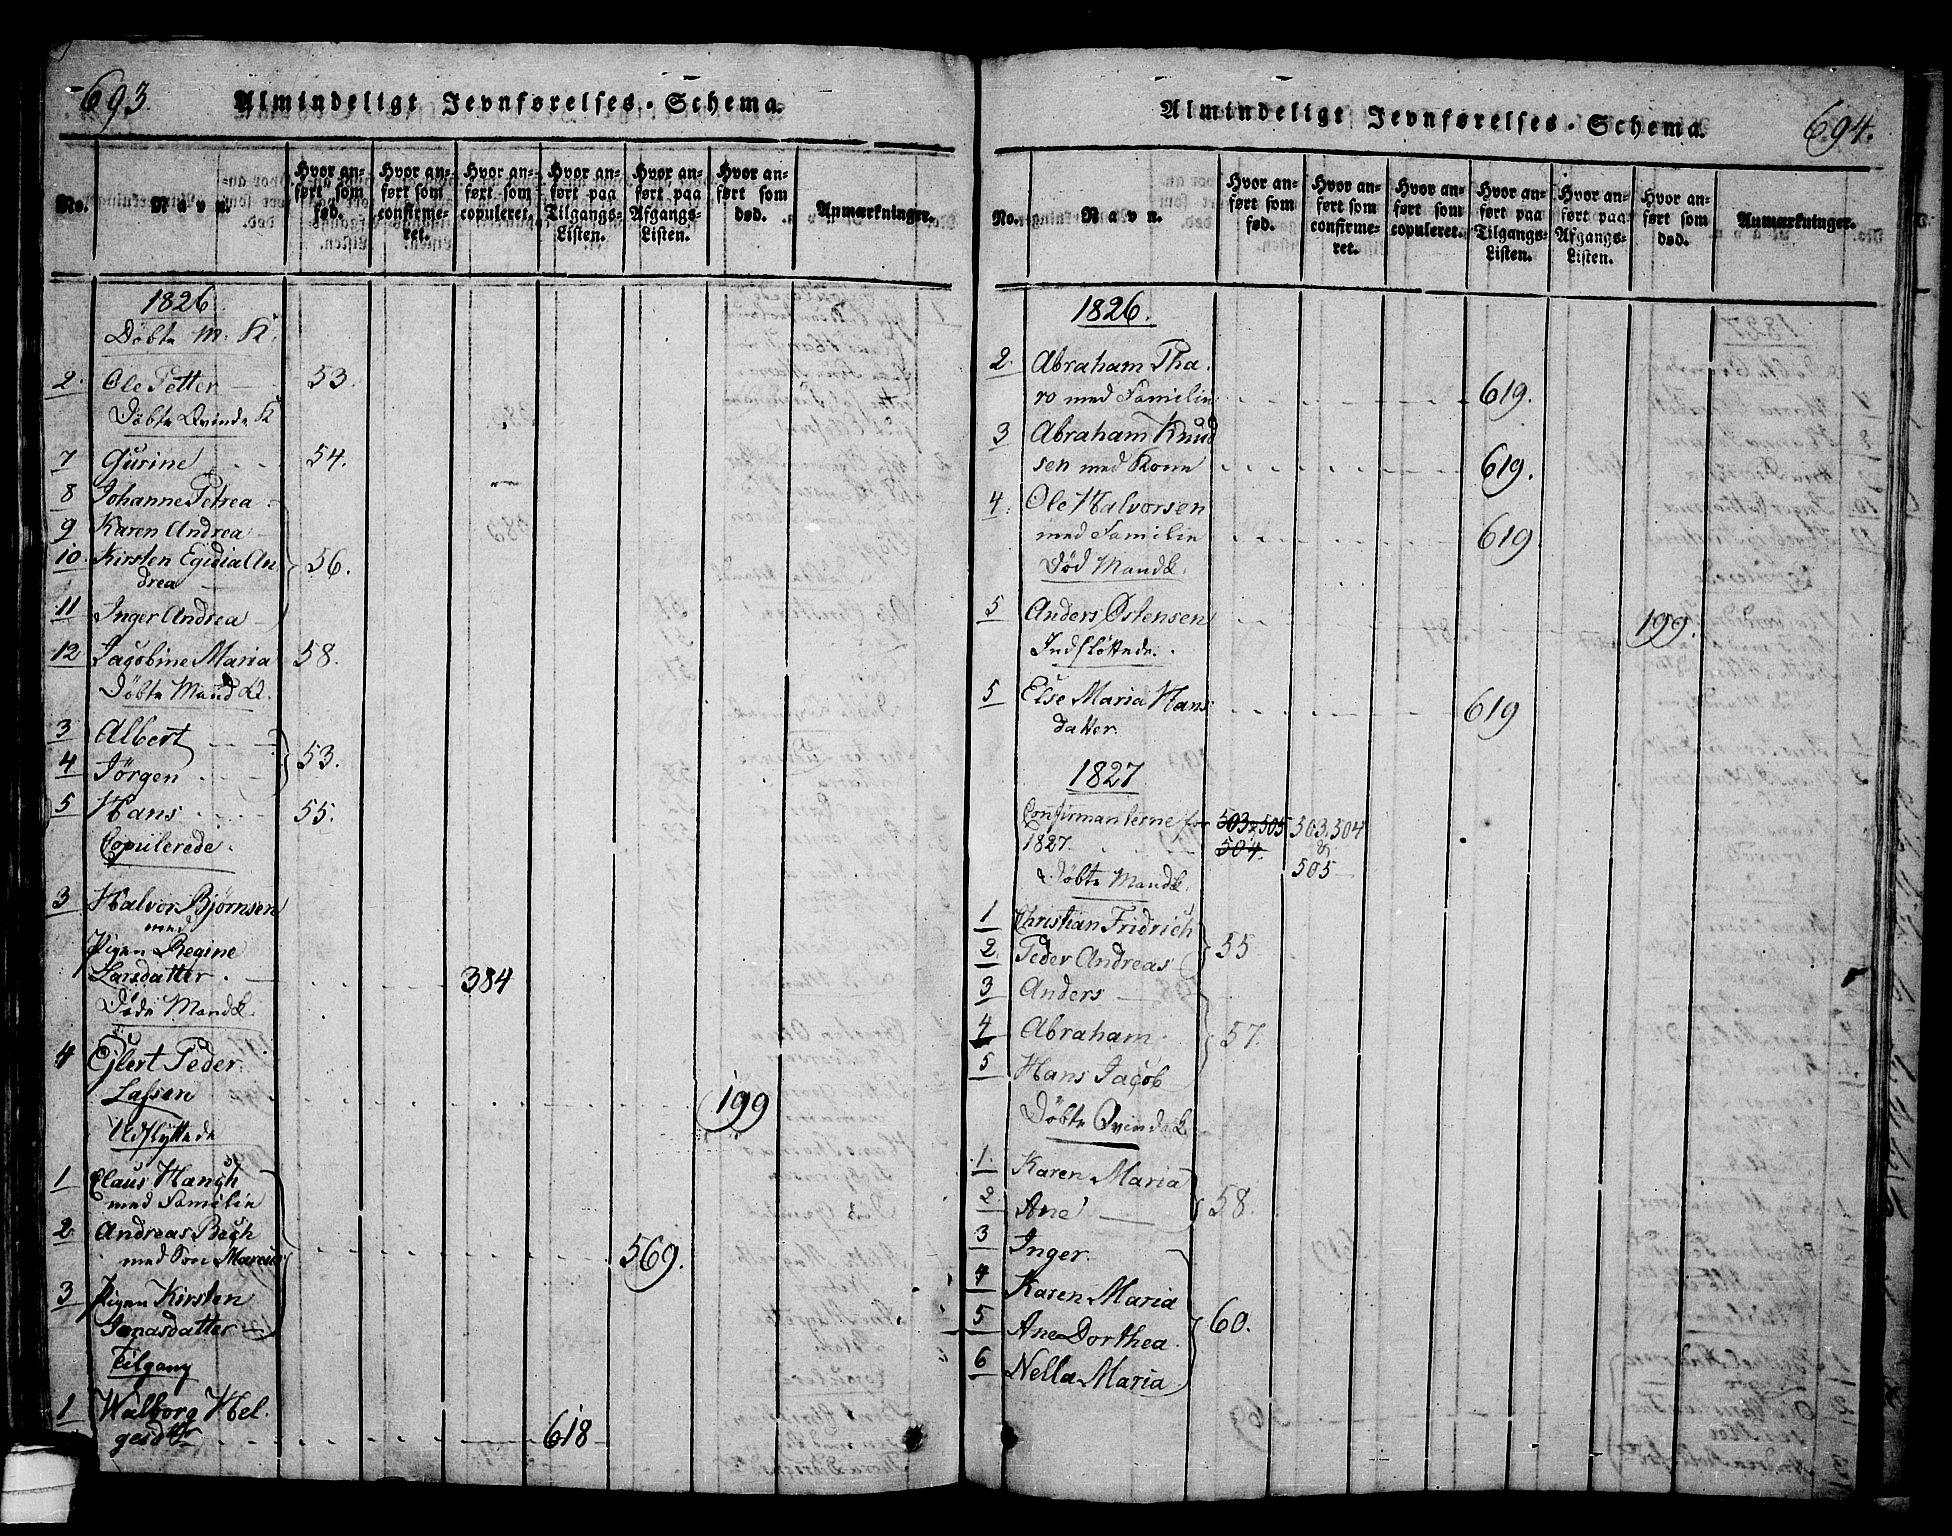 SAKO, Langesund kirkebøker, G/Ga/L0003: Klokkerbok nr. 3, 1815-1858, s. 693-694